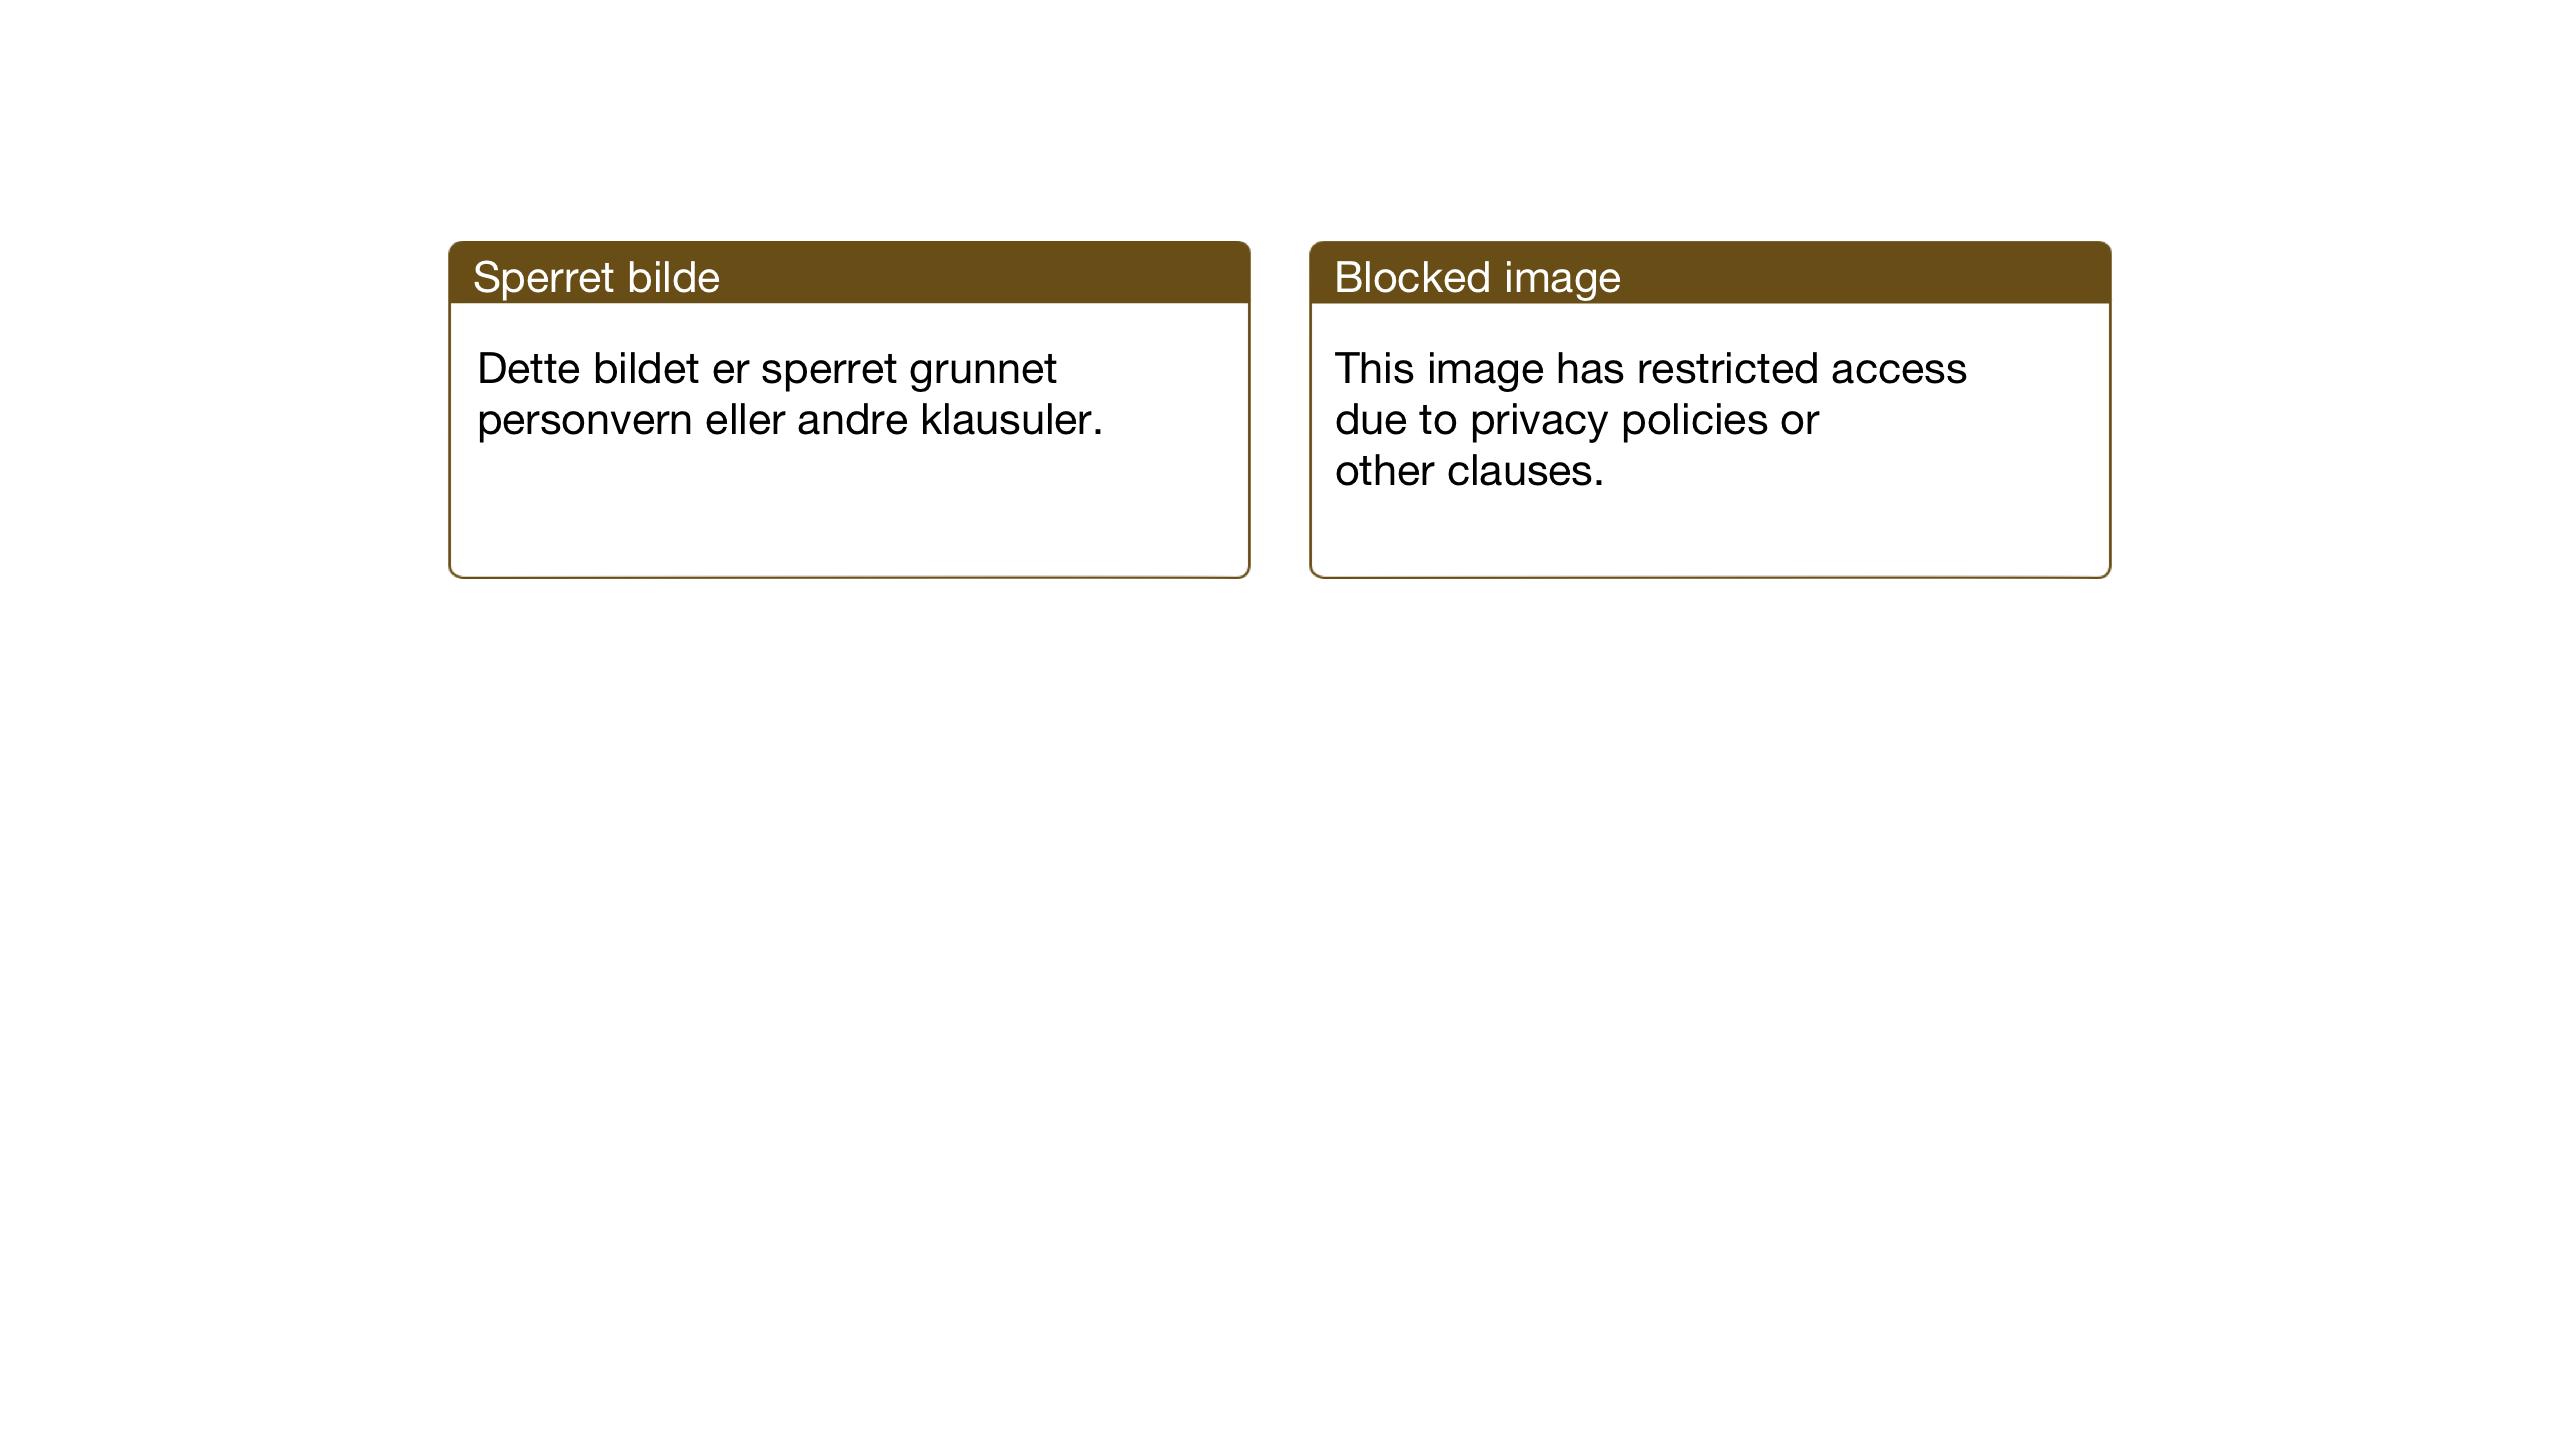 SAT, Ministerialprotokoller, klokkerbøker og fødselsregistre - Nord-Trøndelag, 744/L0425: Klokkerbok nr. 744C04, 1924-1947, s. 147